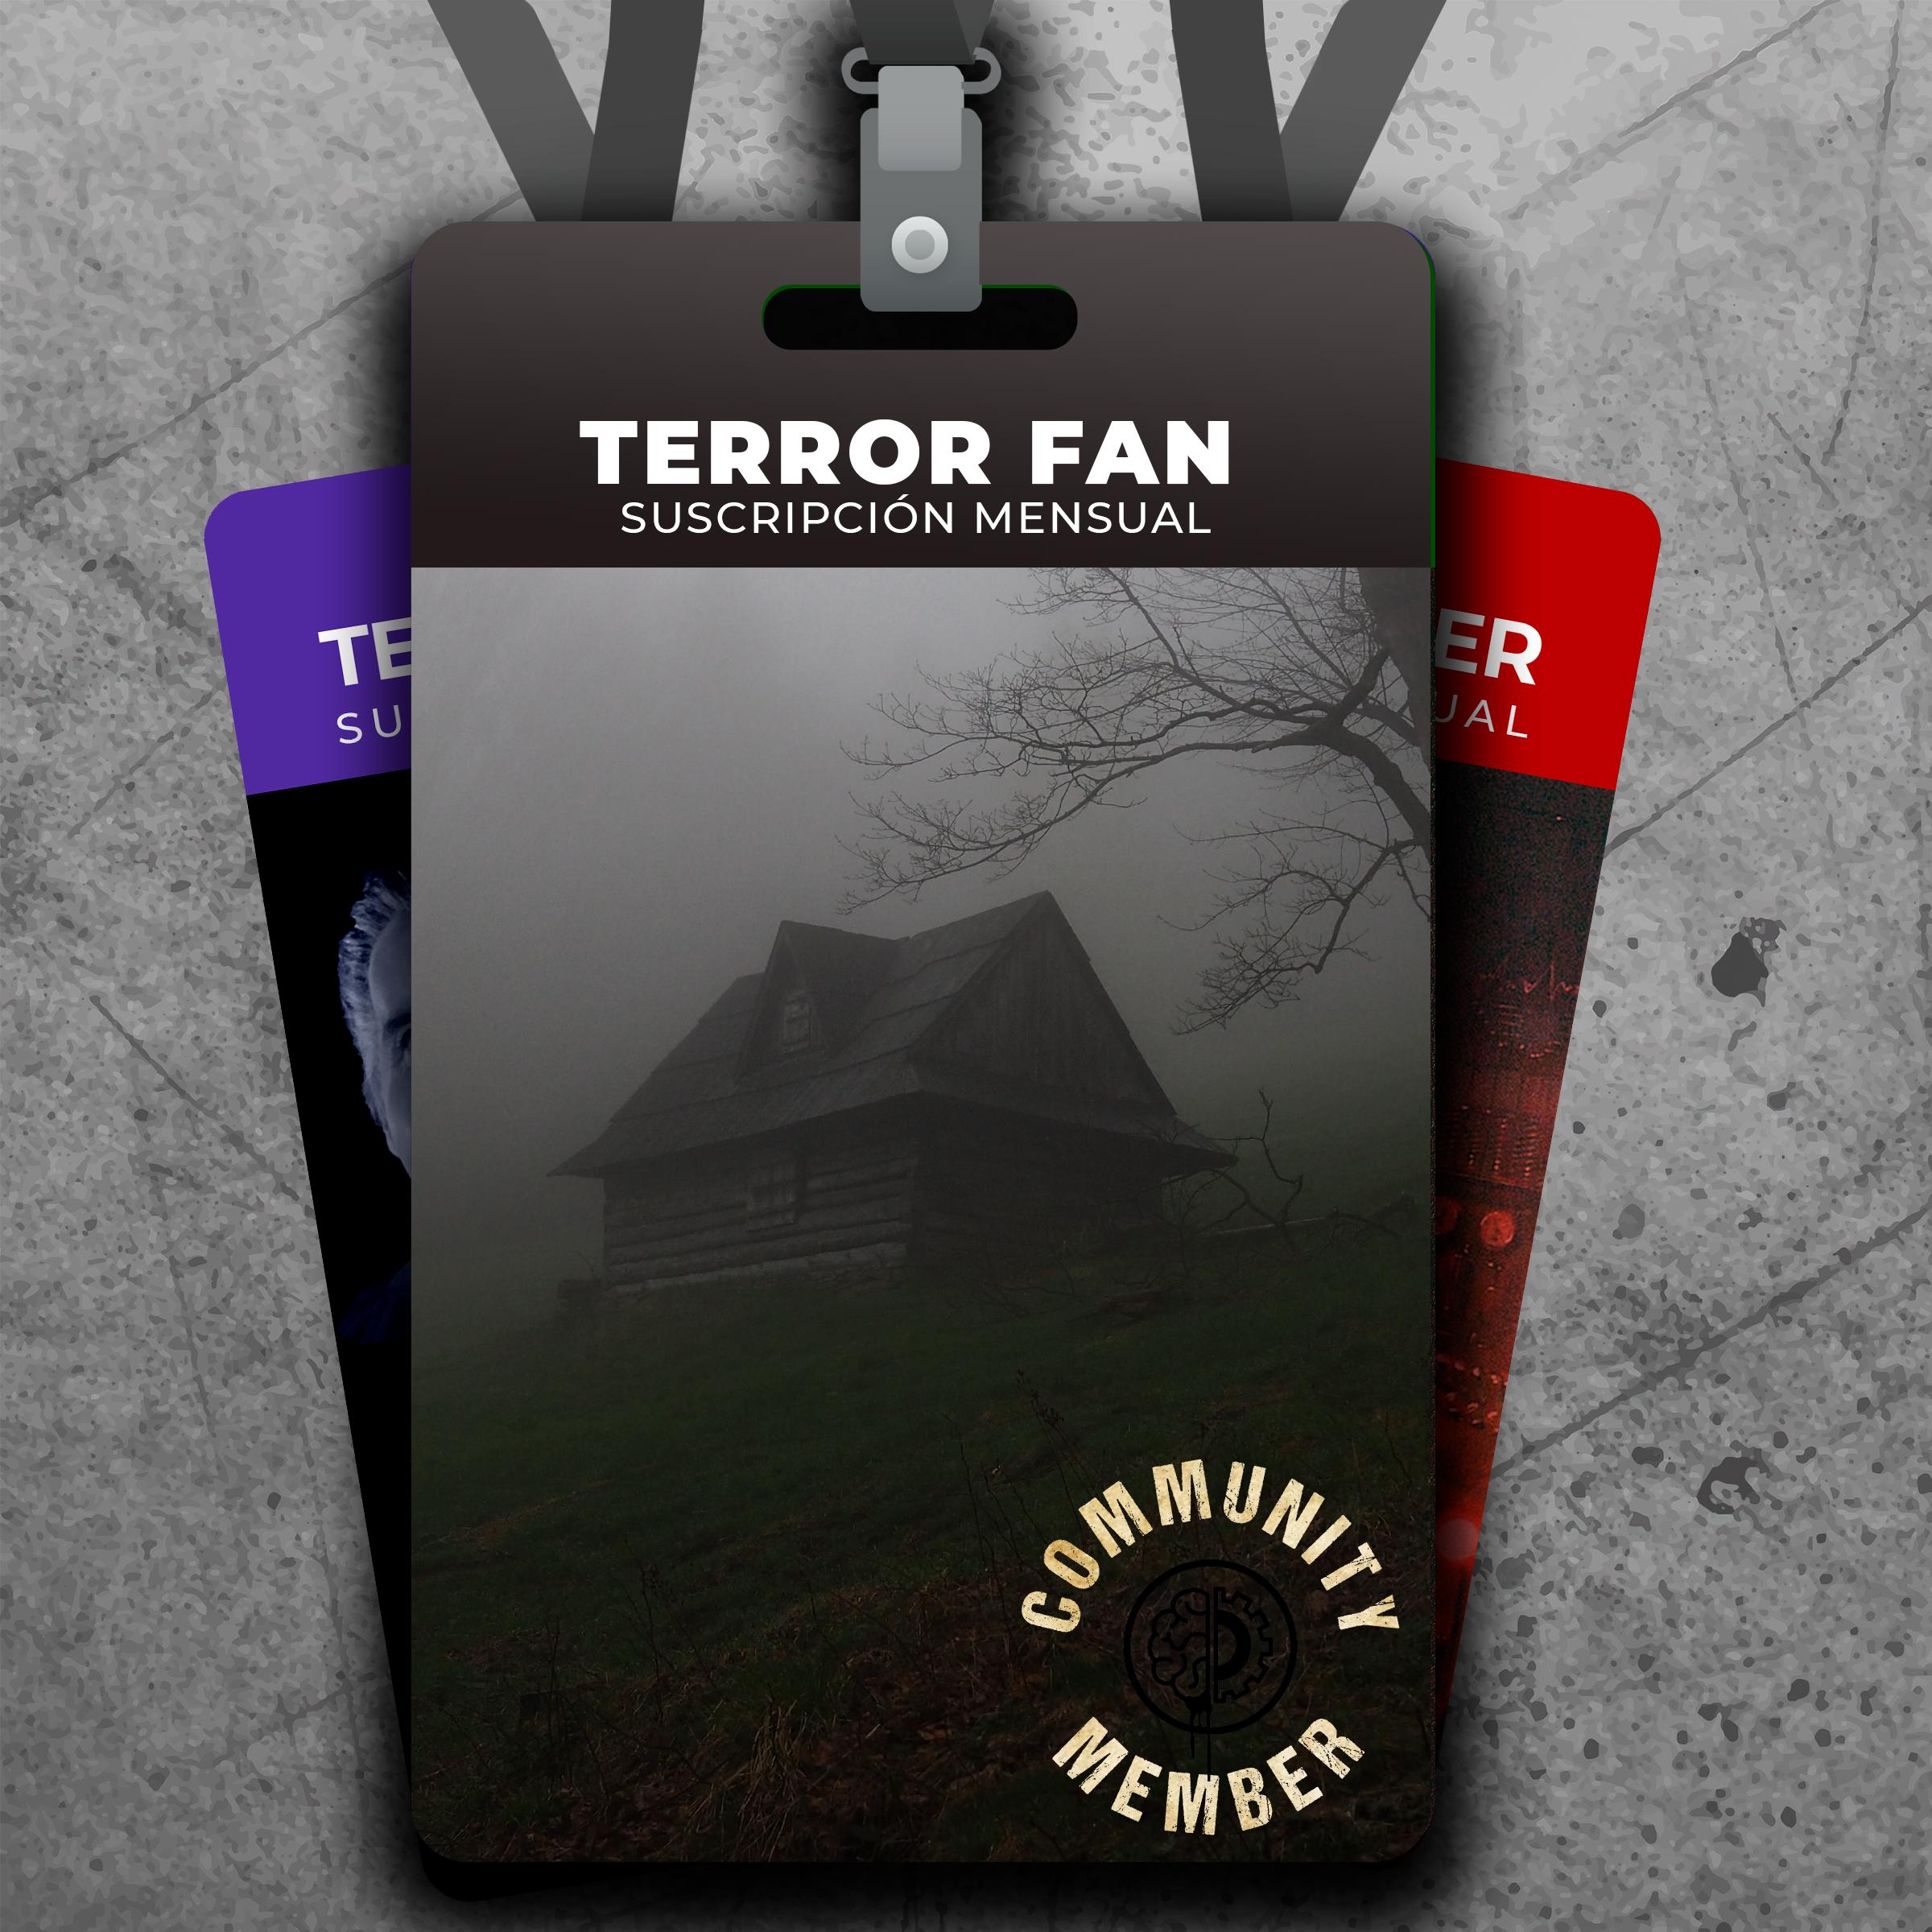 TERRORPASS | Membresía TerrorFAN